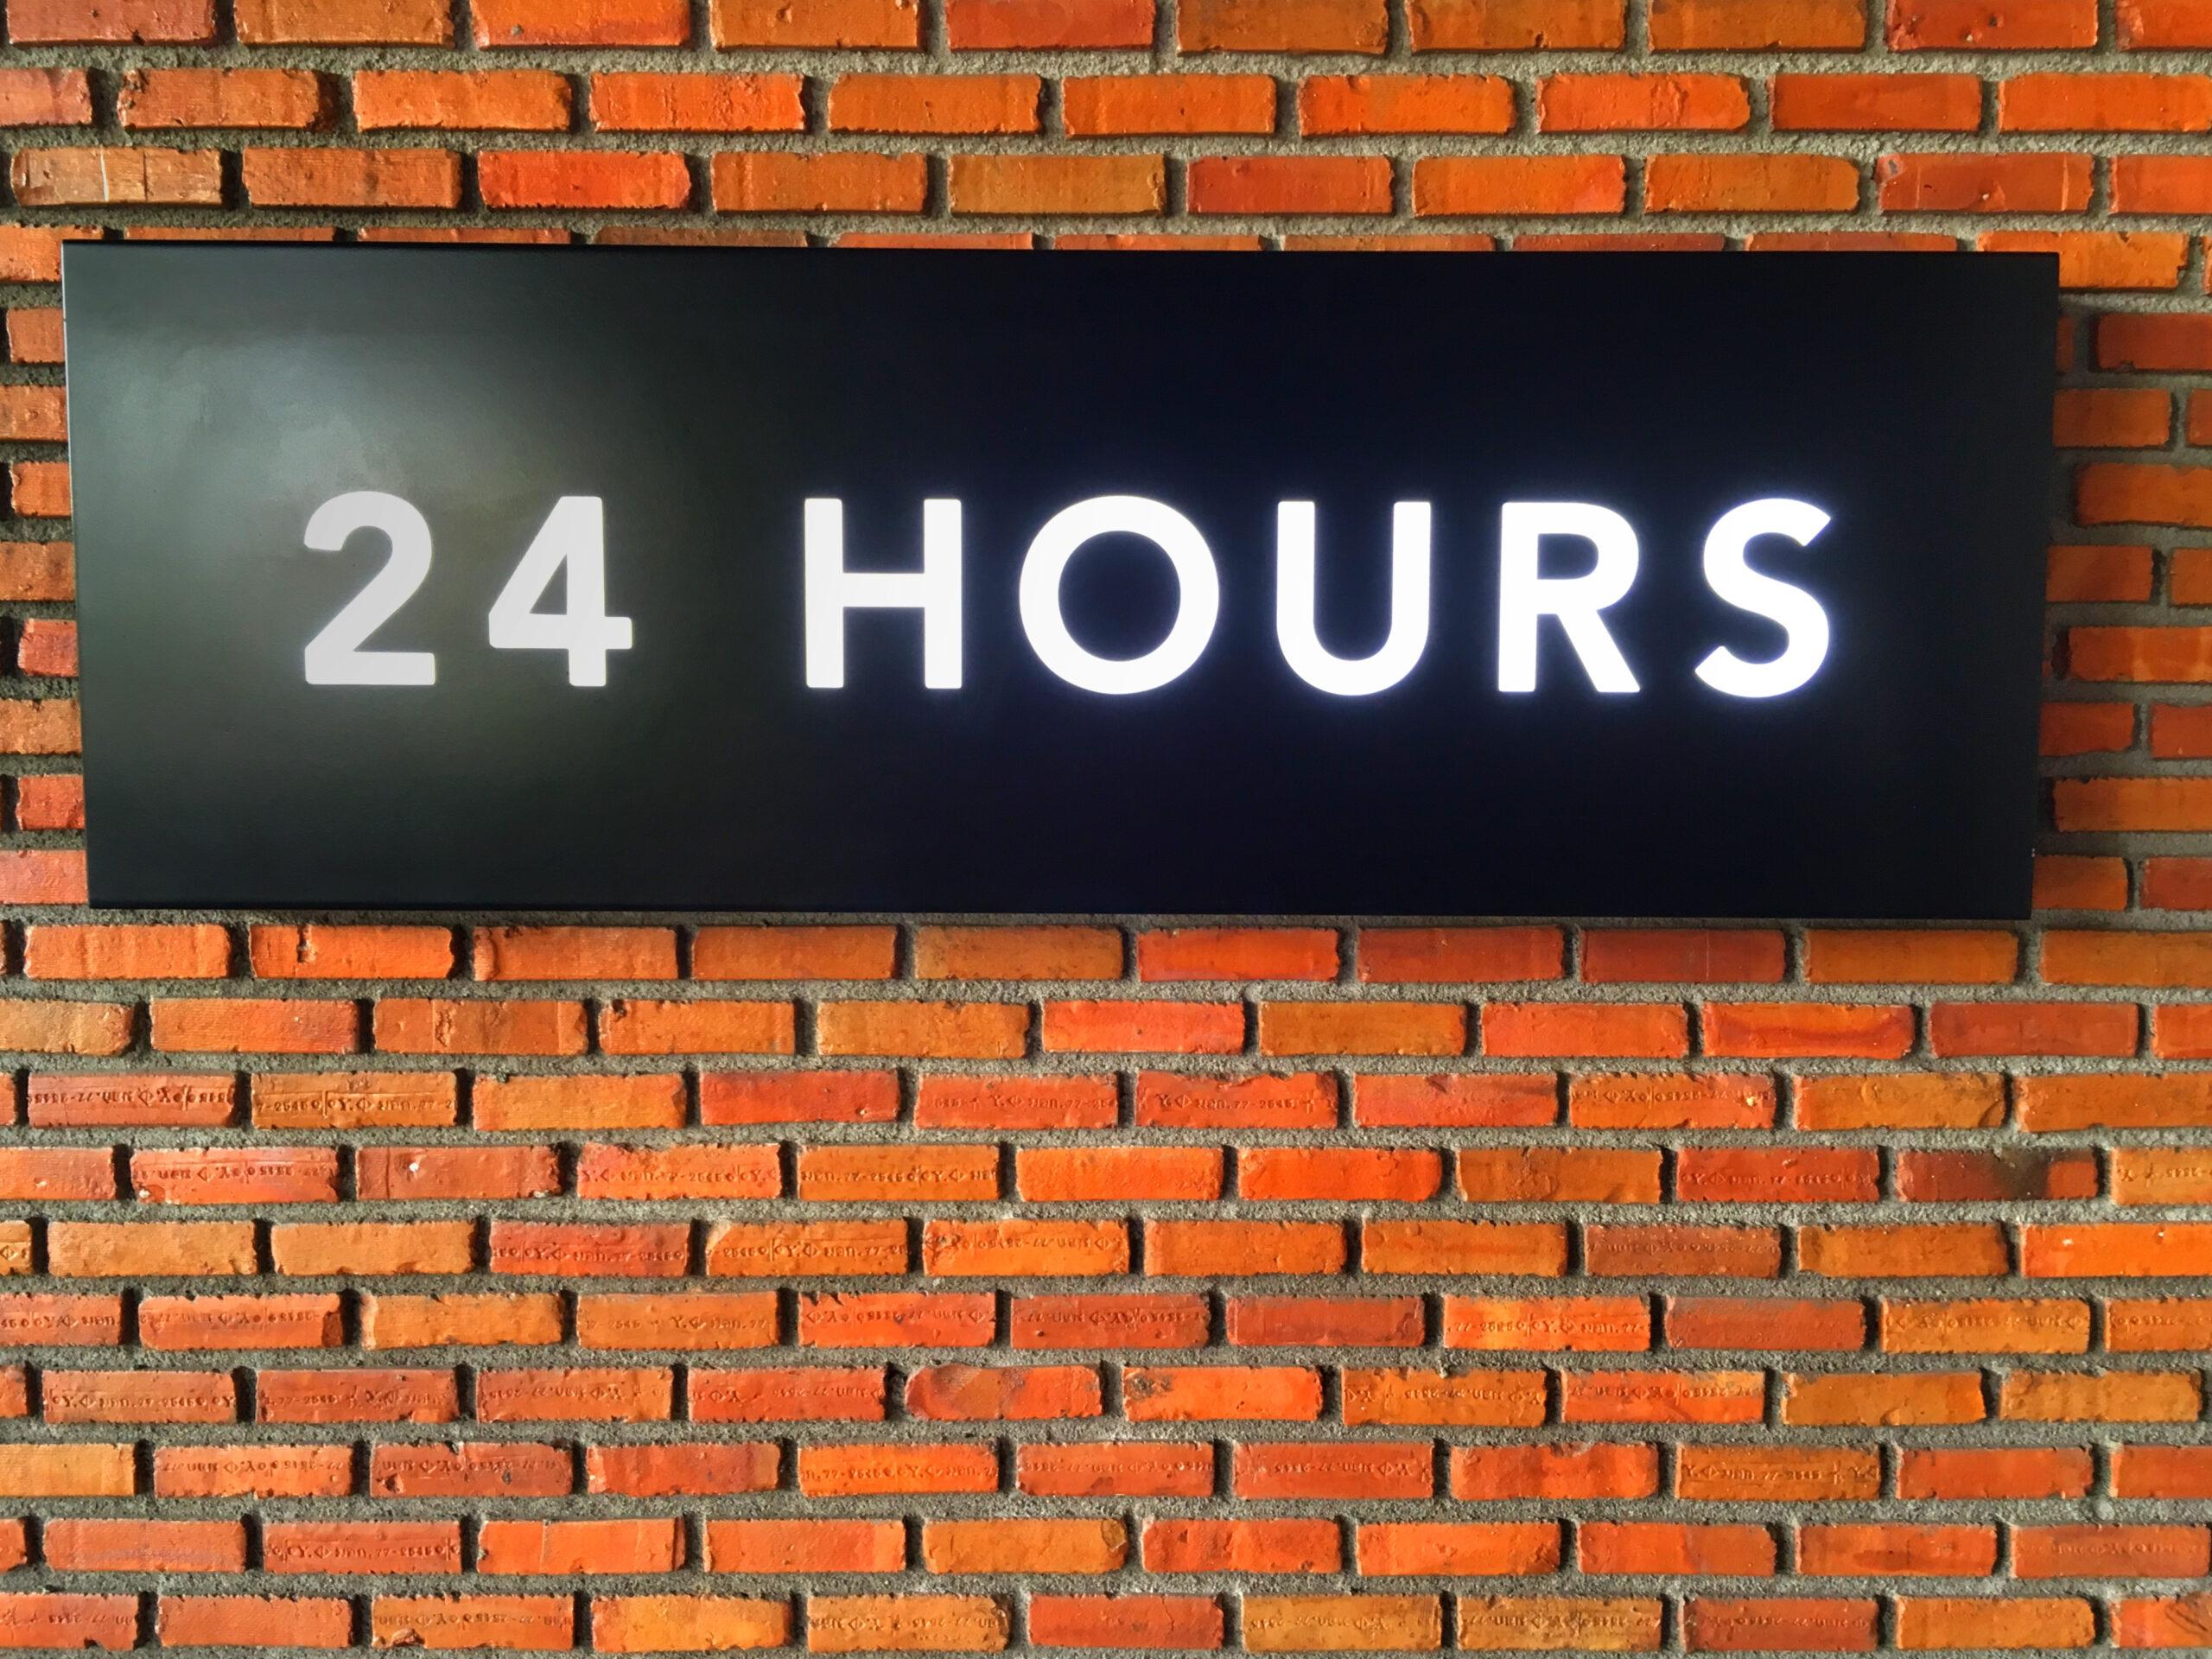 เทรนด์ 24 ชั่วโมงมาแรง